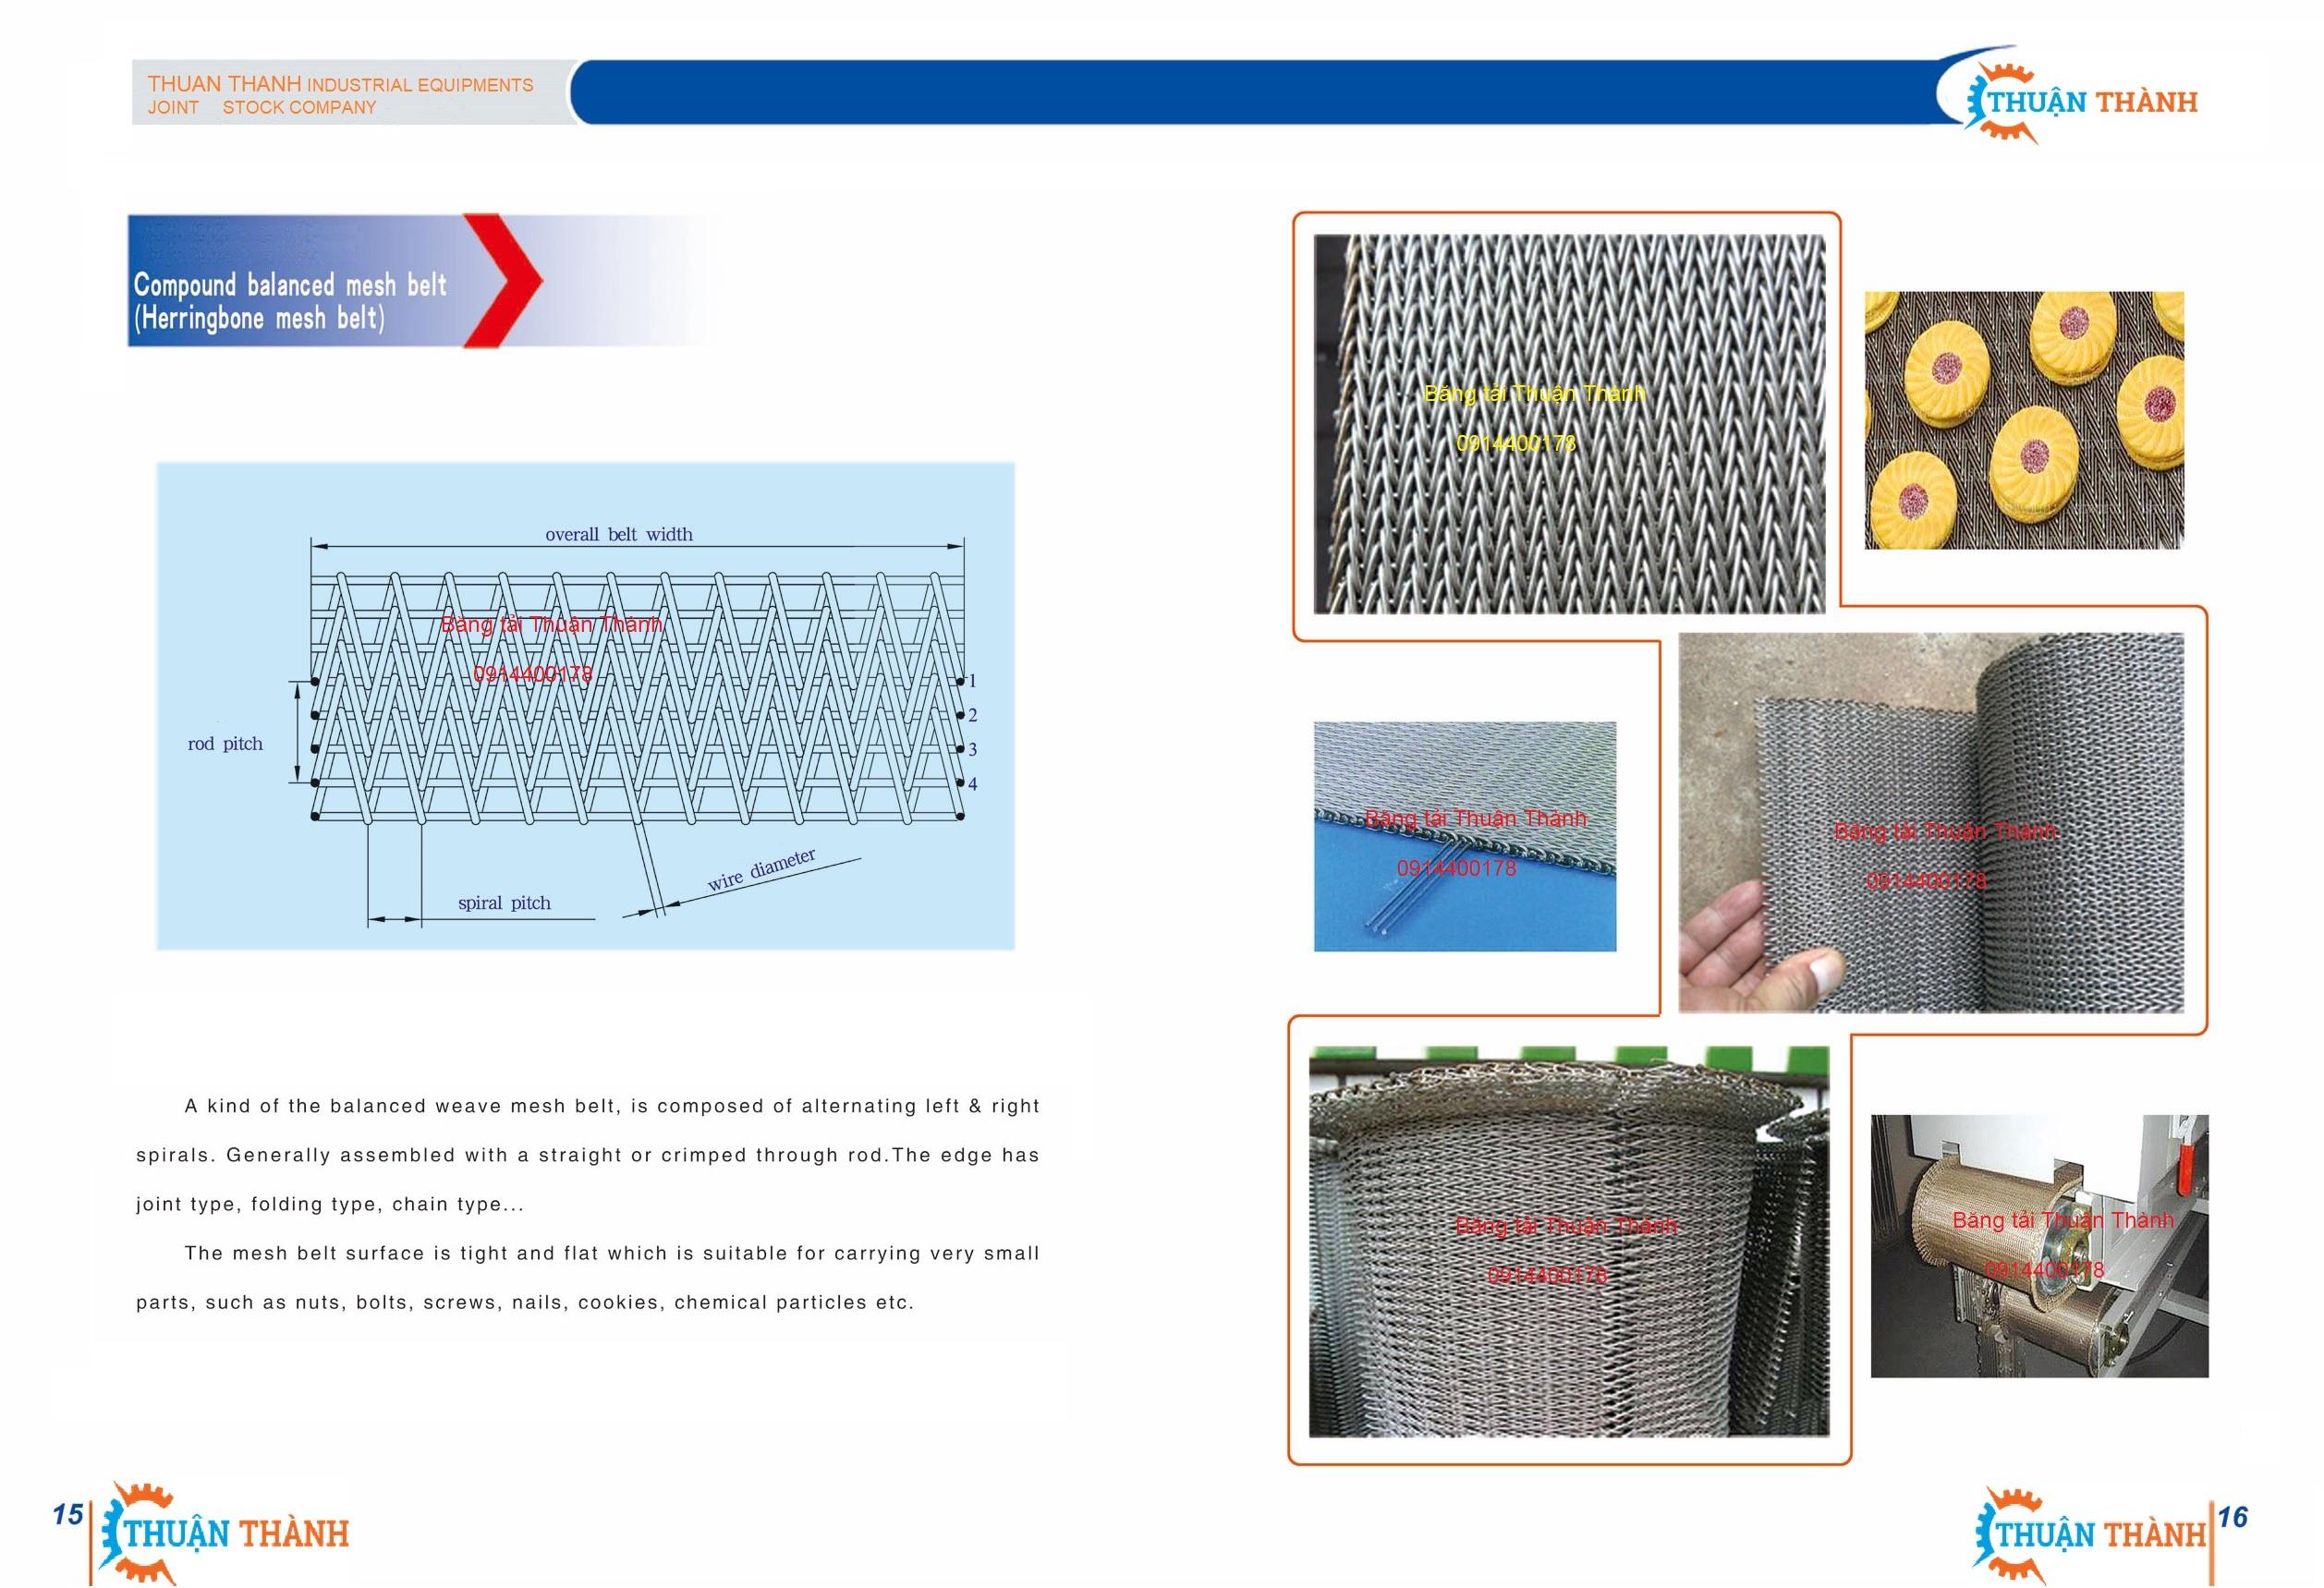 Băng tải Inox 304 dạng xoắn cho ngành đông lạnh, thủy hải sản và bánh kẹo